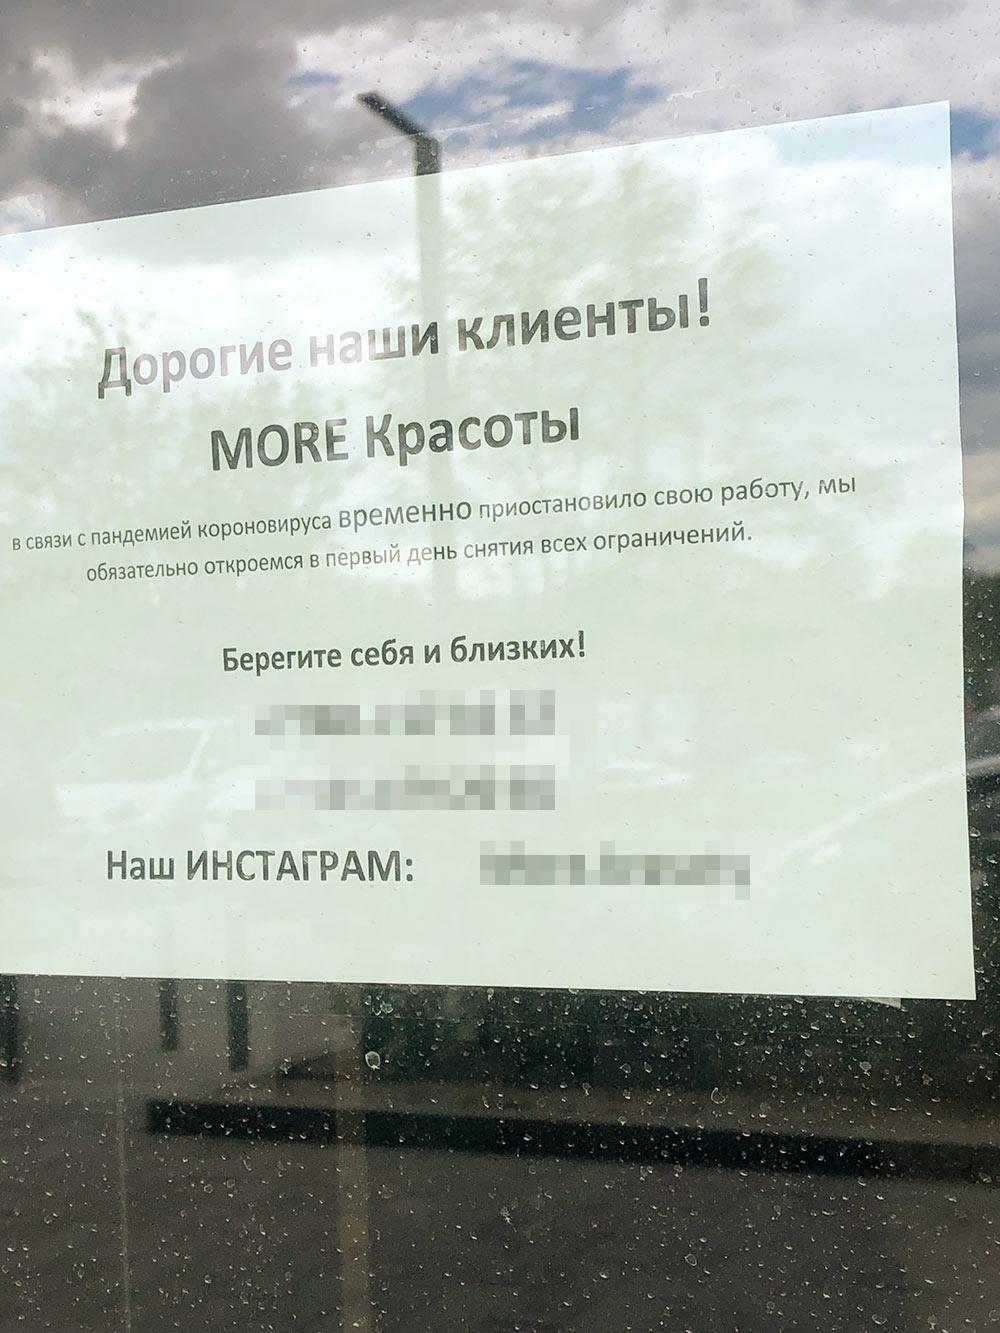 Салоны красоты идетские творческие студии были закрыты вМоскве сконца марта, поэтому могут рассчитывать наснижение арендных платежей